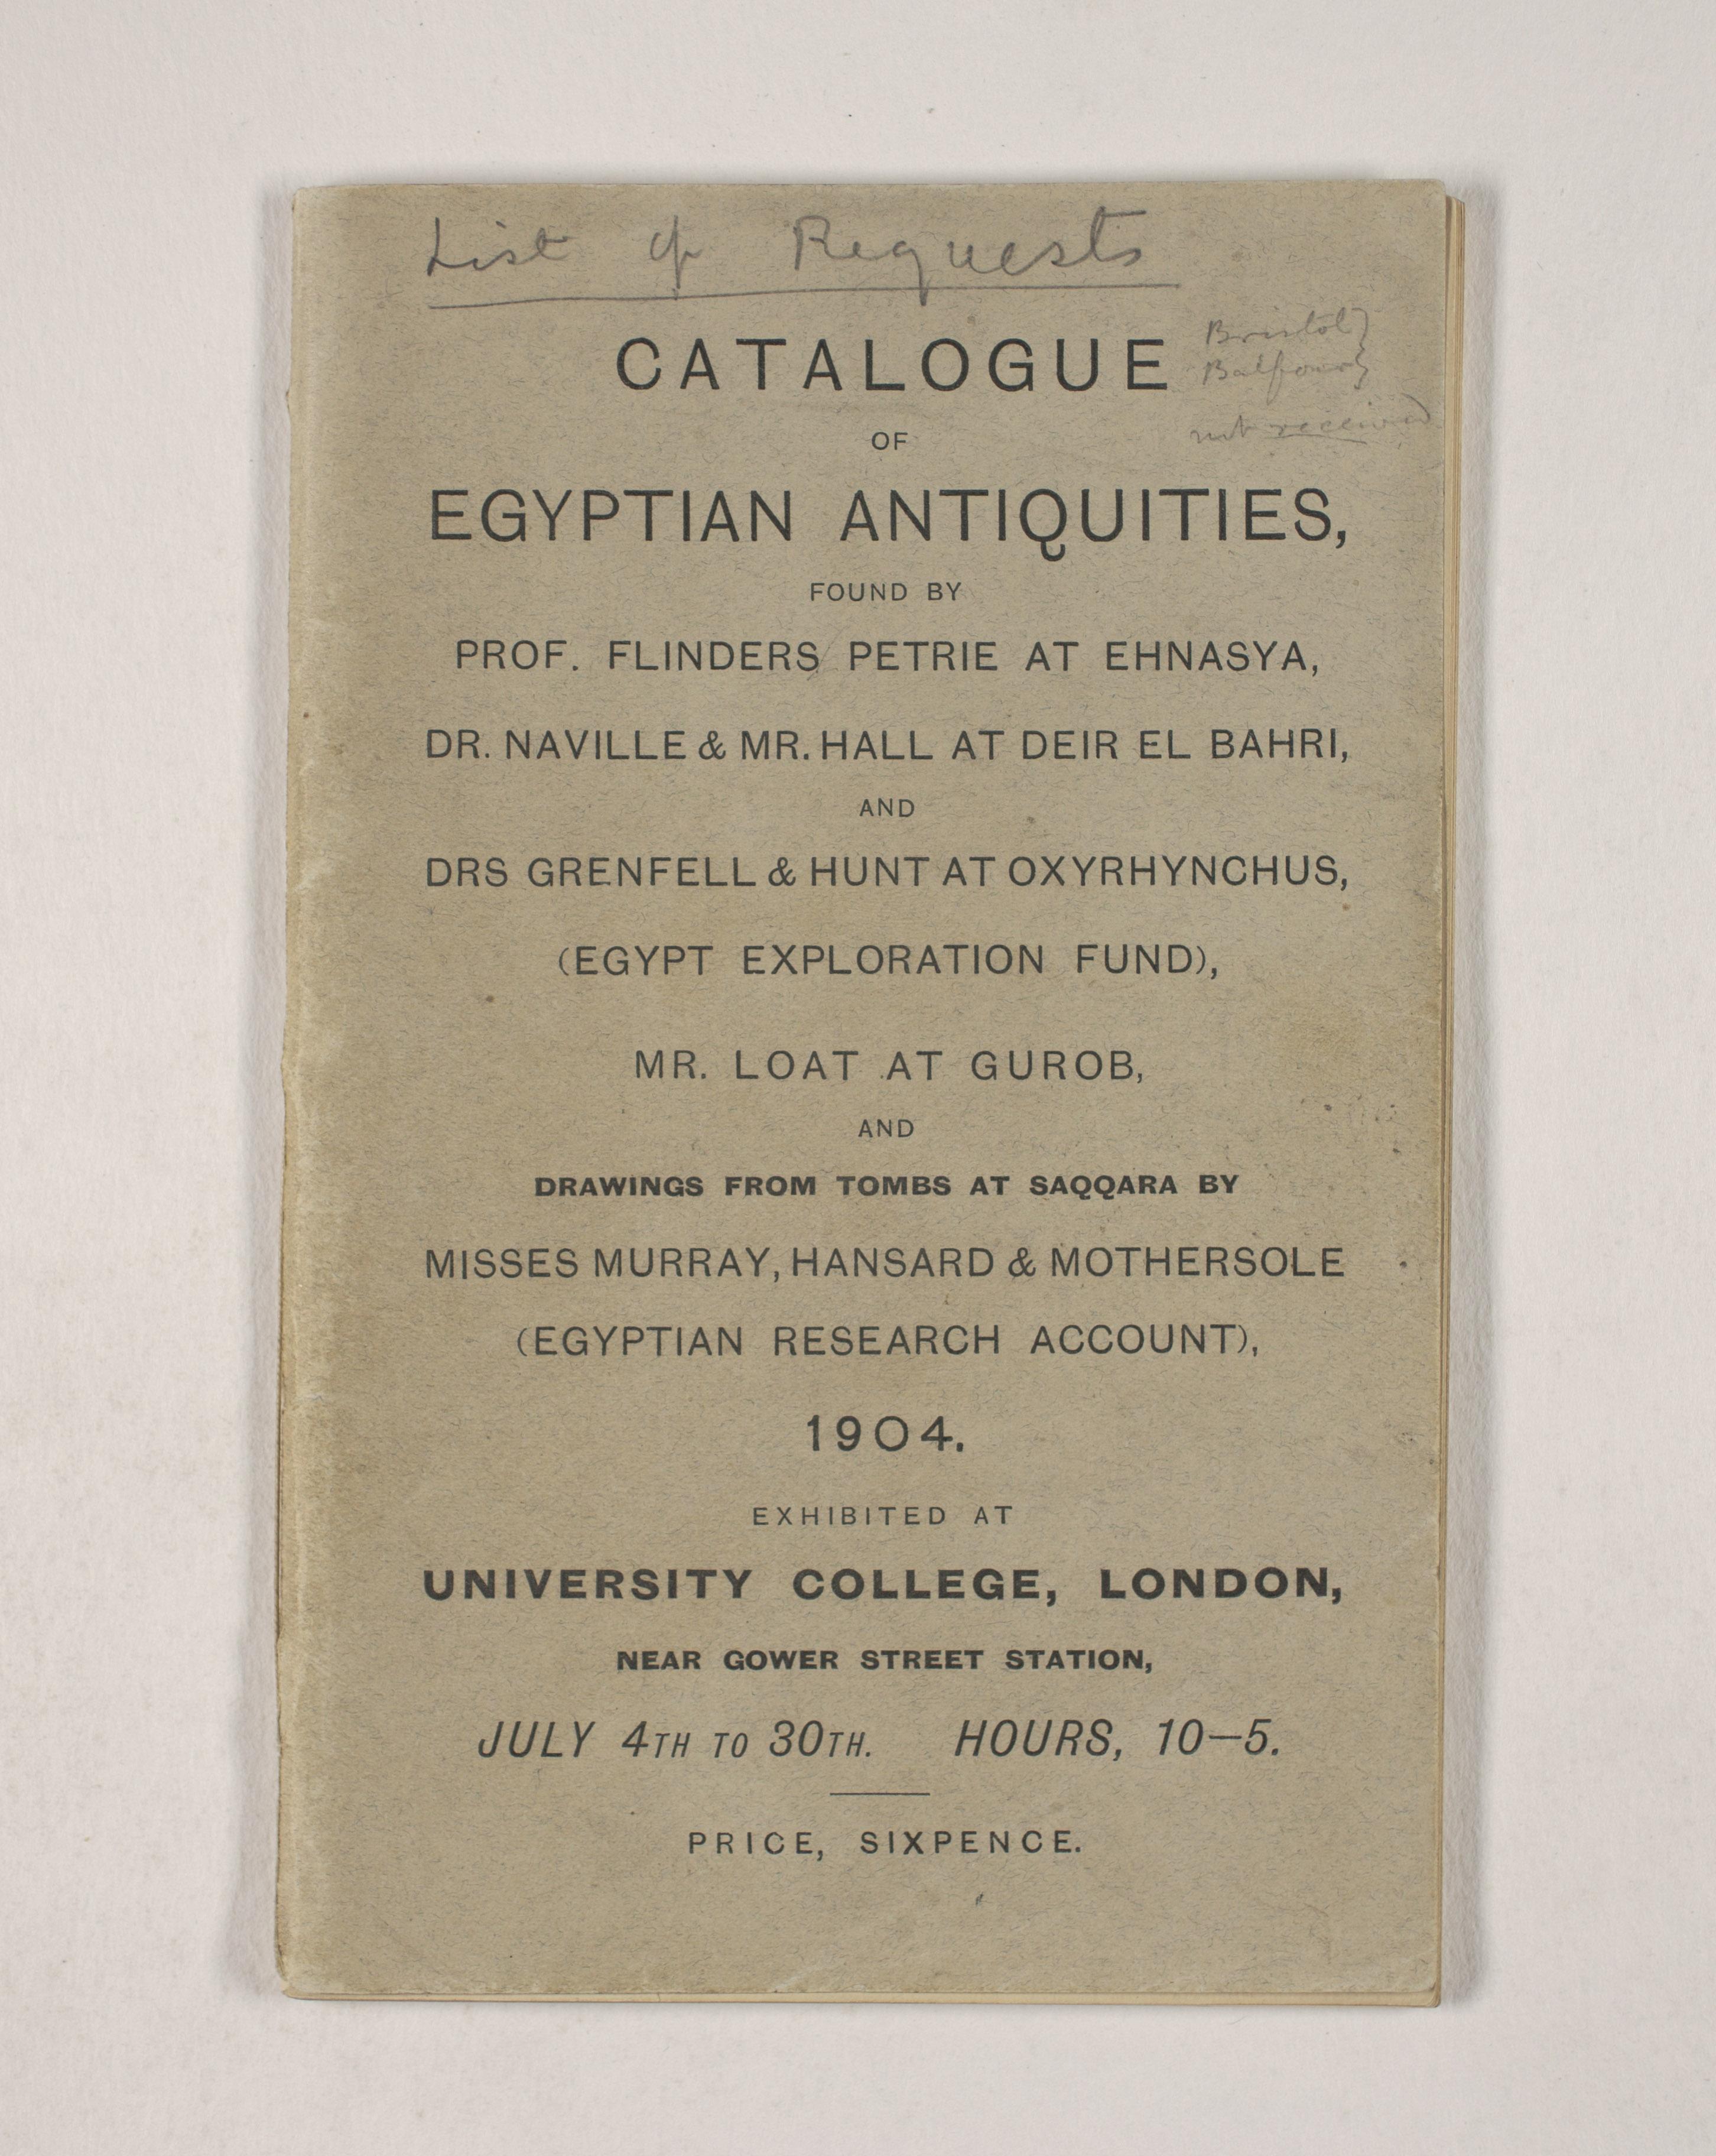 1903-04 Abydos, Ihnasya, Tell el-Fara'in, Saqqara, Gurob, Deir el-Bahri, Oxyrhynchus Exhibition Catalogue PMA/WFP1/D/12/12.1